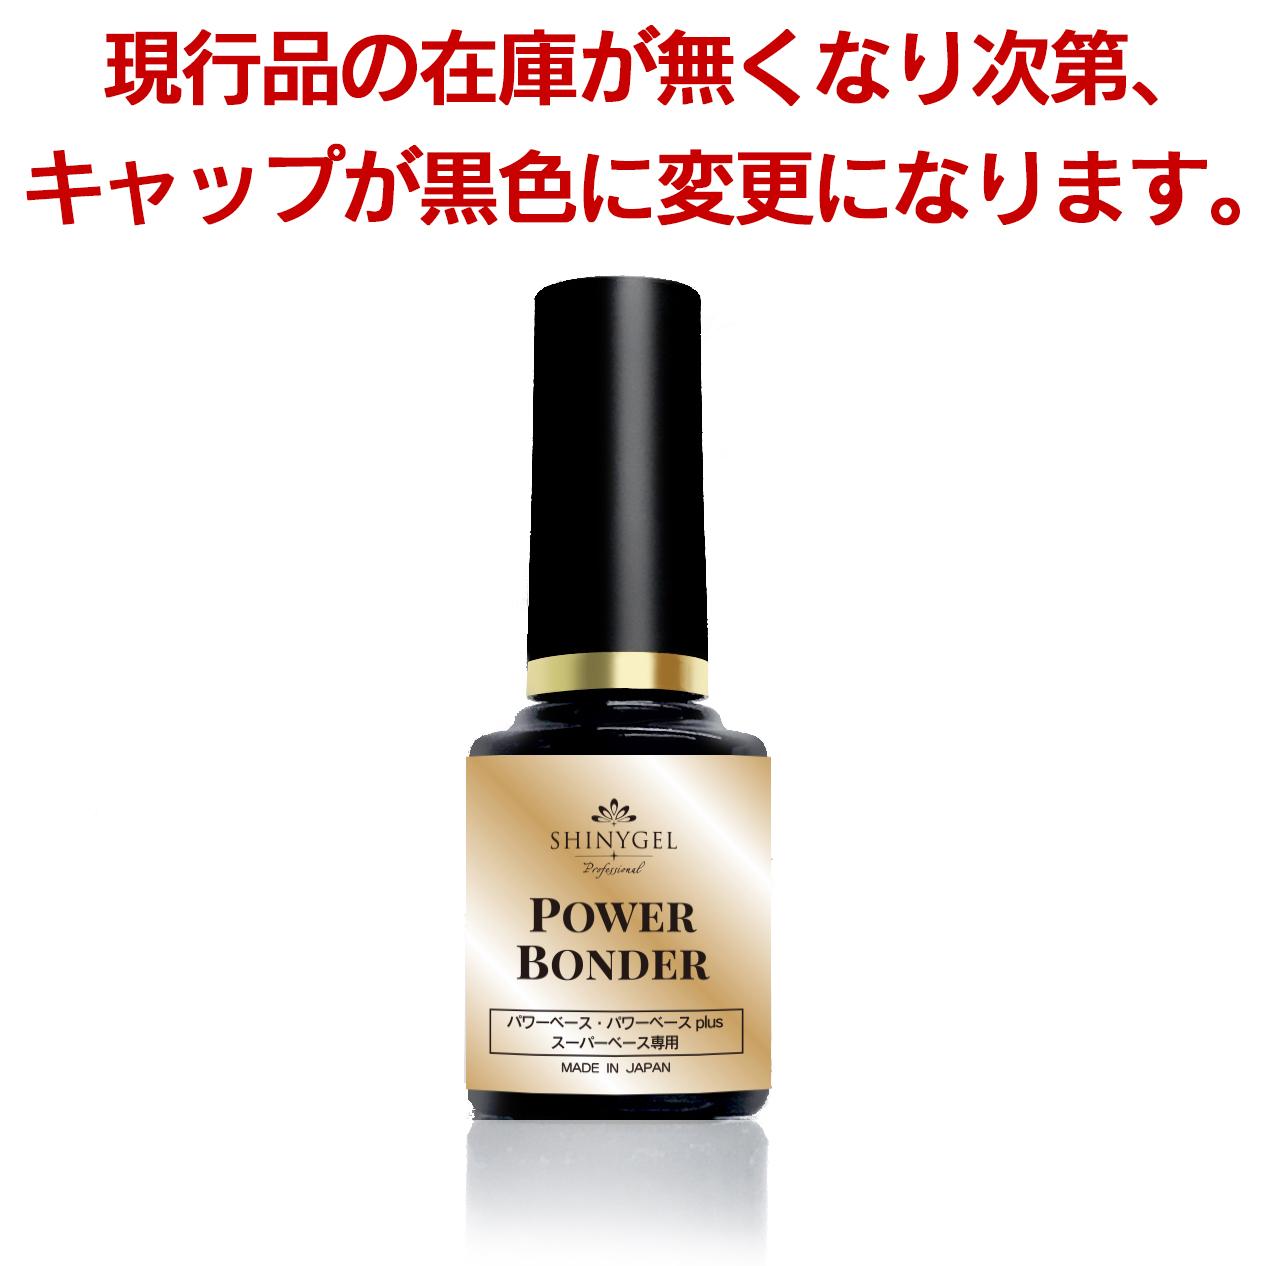 【スーパーベース専用】密着度を高めるパワーボンダー/5mL(SHINYGEL Professional) $